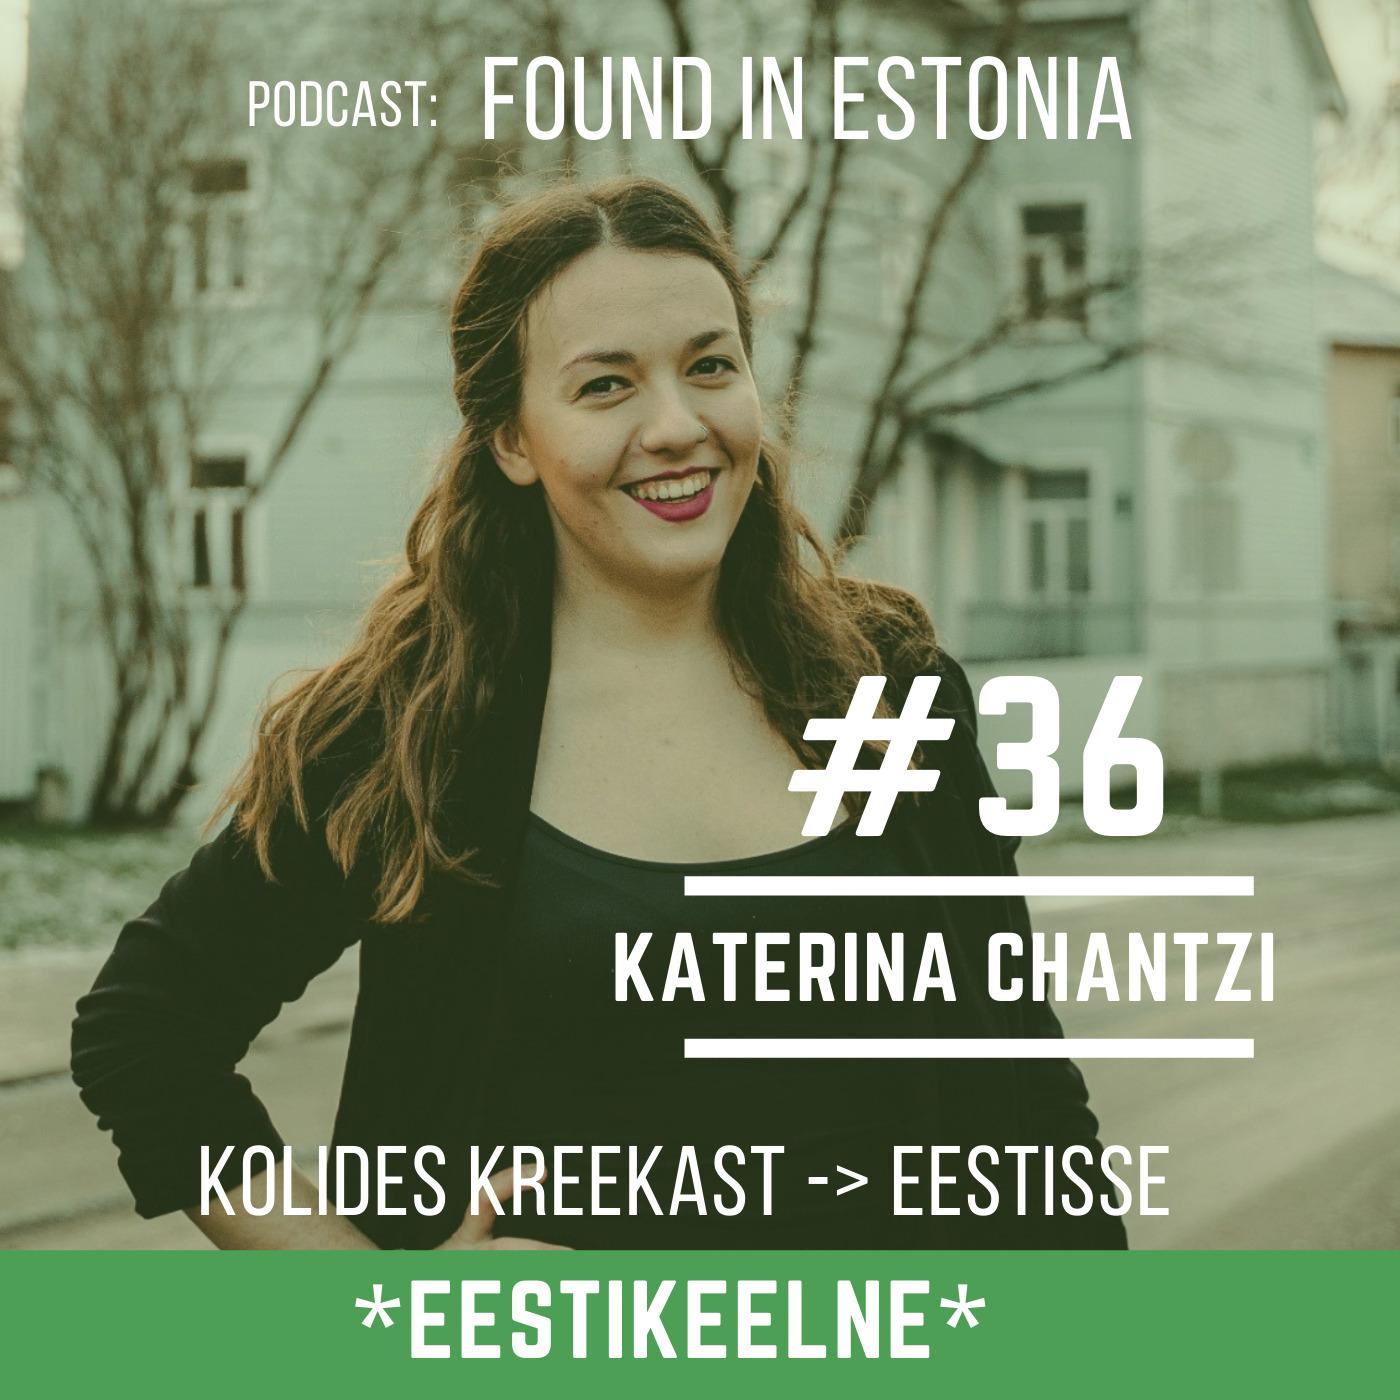 *EST* #36 Katerina Chantzi: kolides Kreekast Eestisse